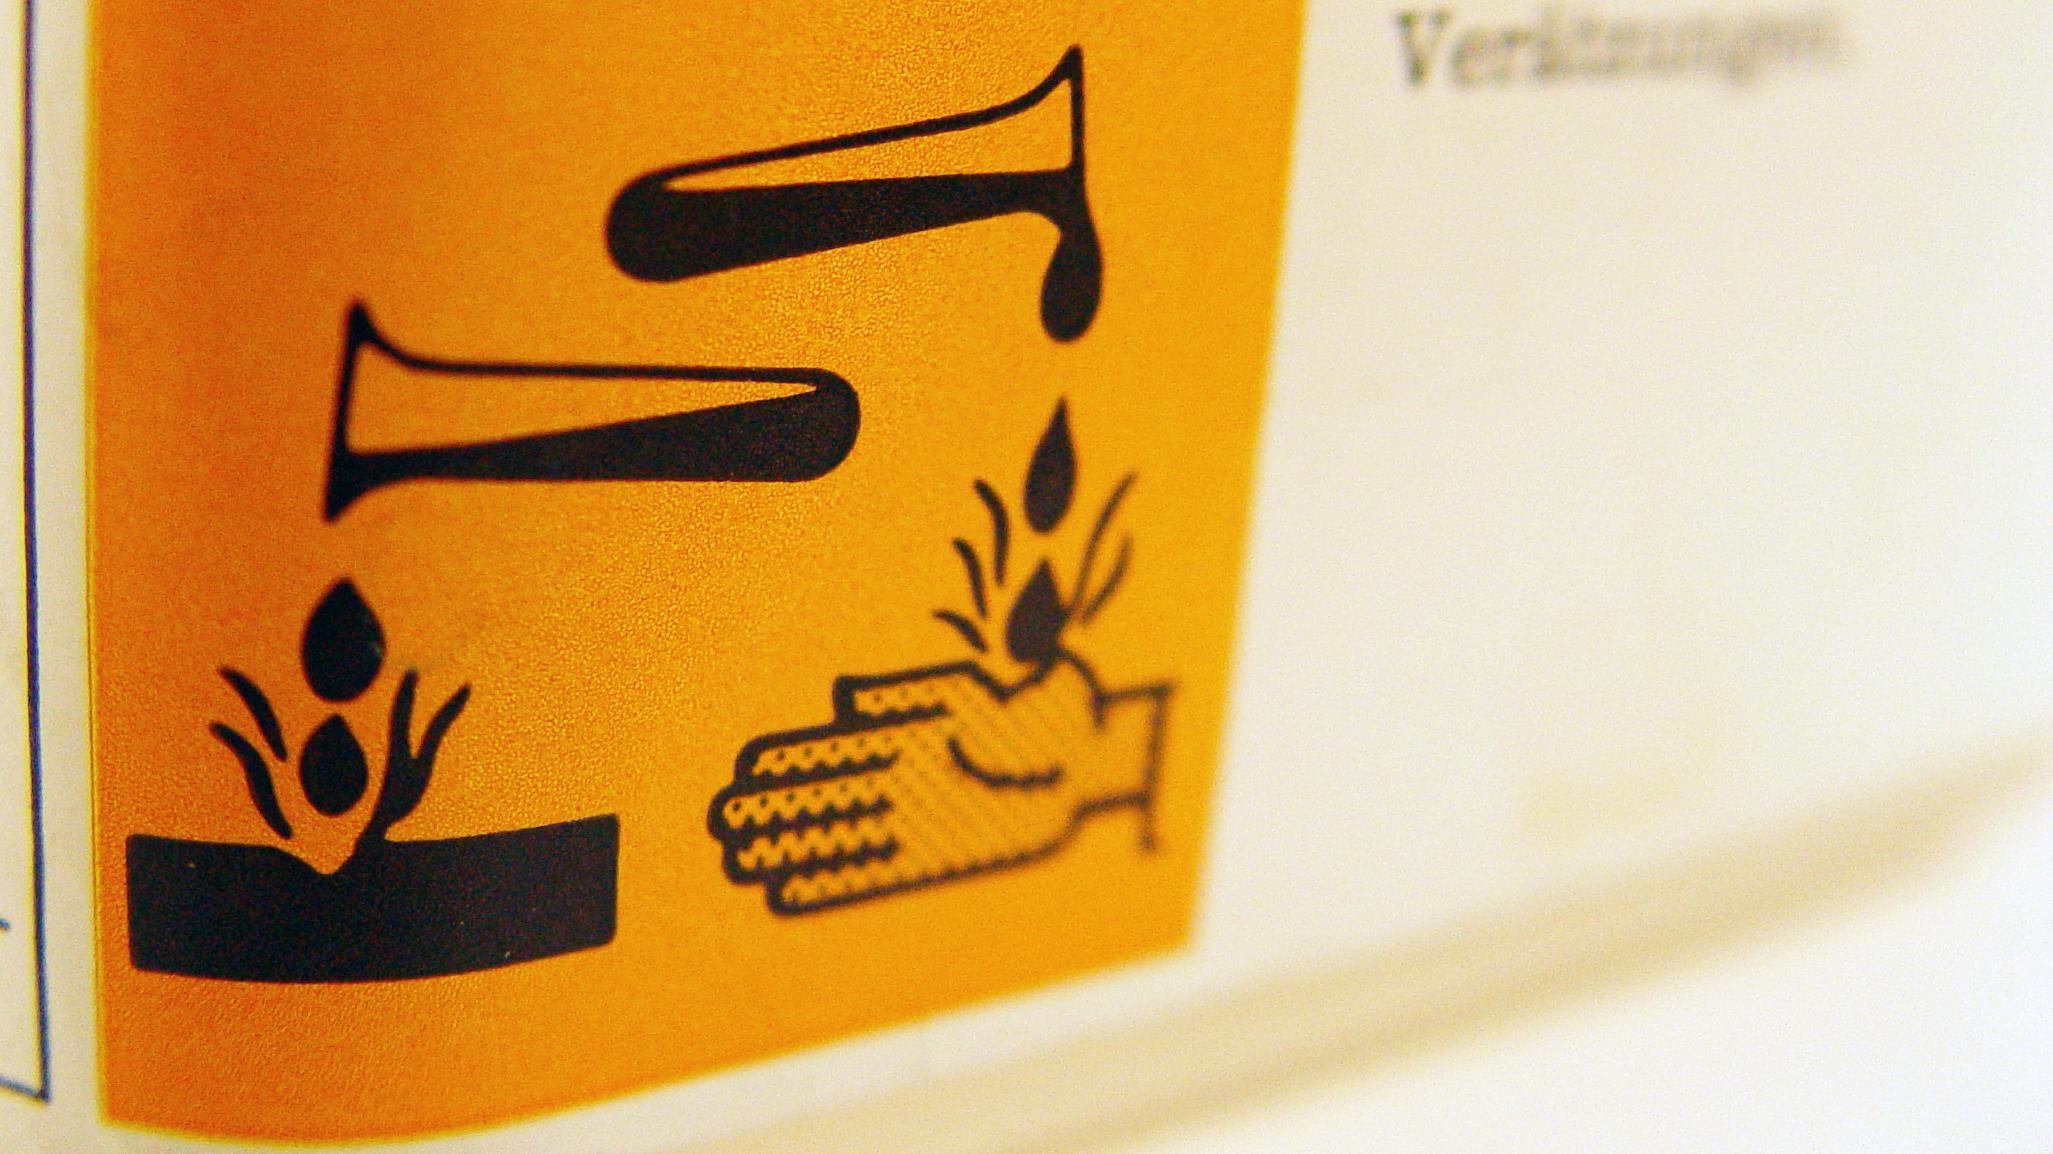 Kanister mit ätzender Flüssigkeit (Symbolbild)